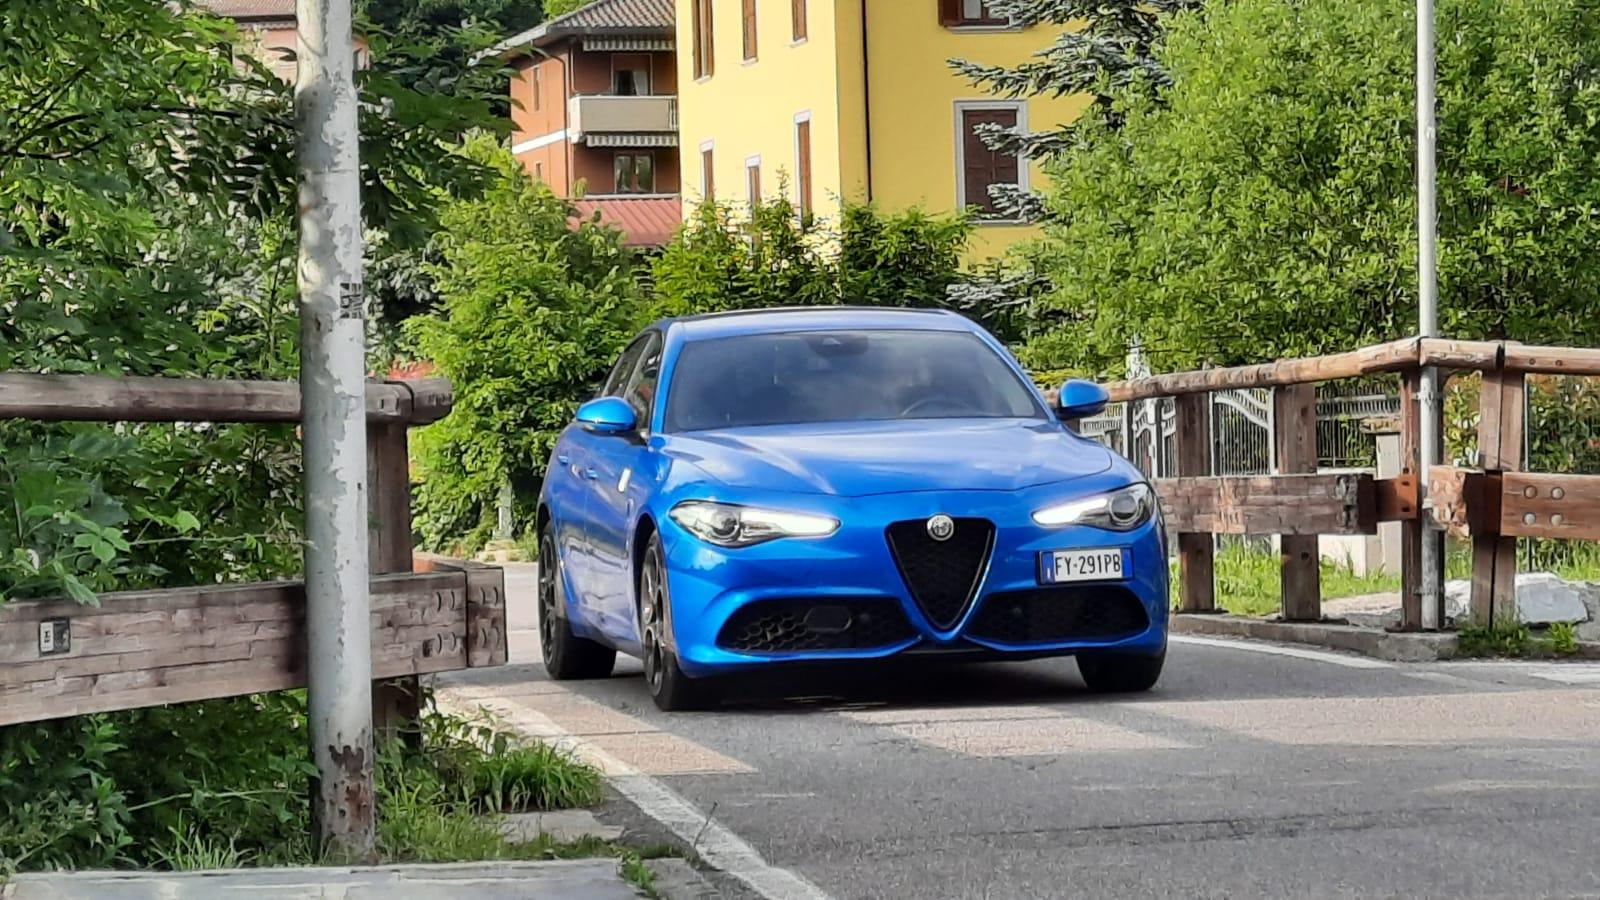 ALFA ROMEO GIULIA VELOCE Q4, col motore diesel è la stradista di lungo corso